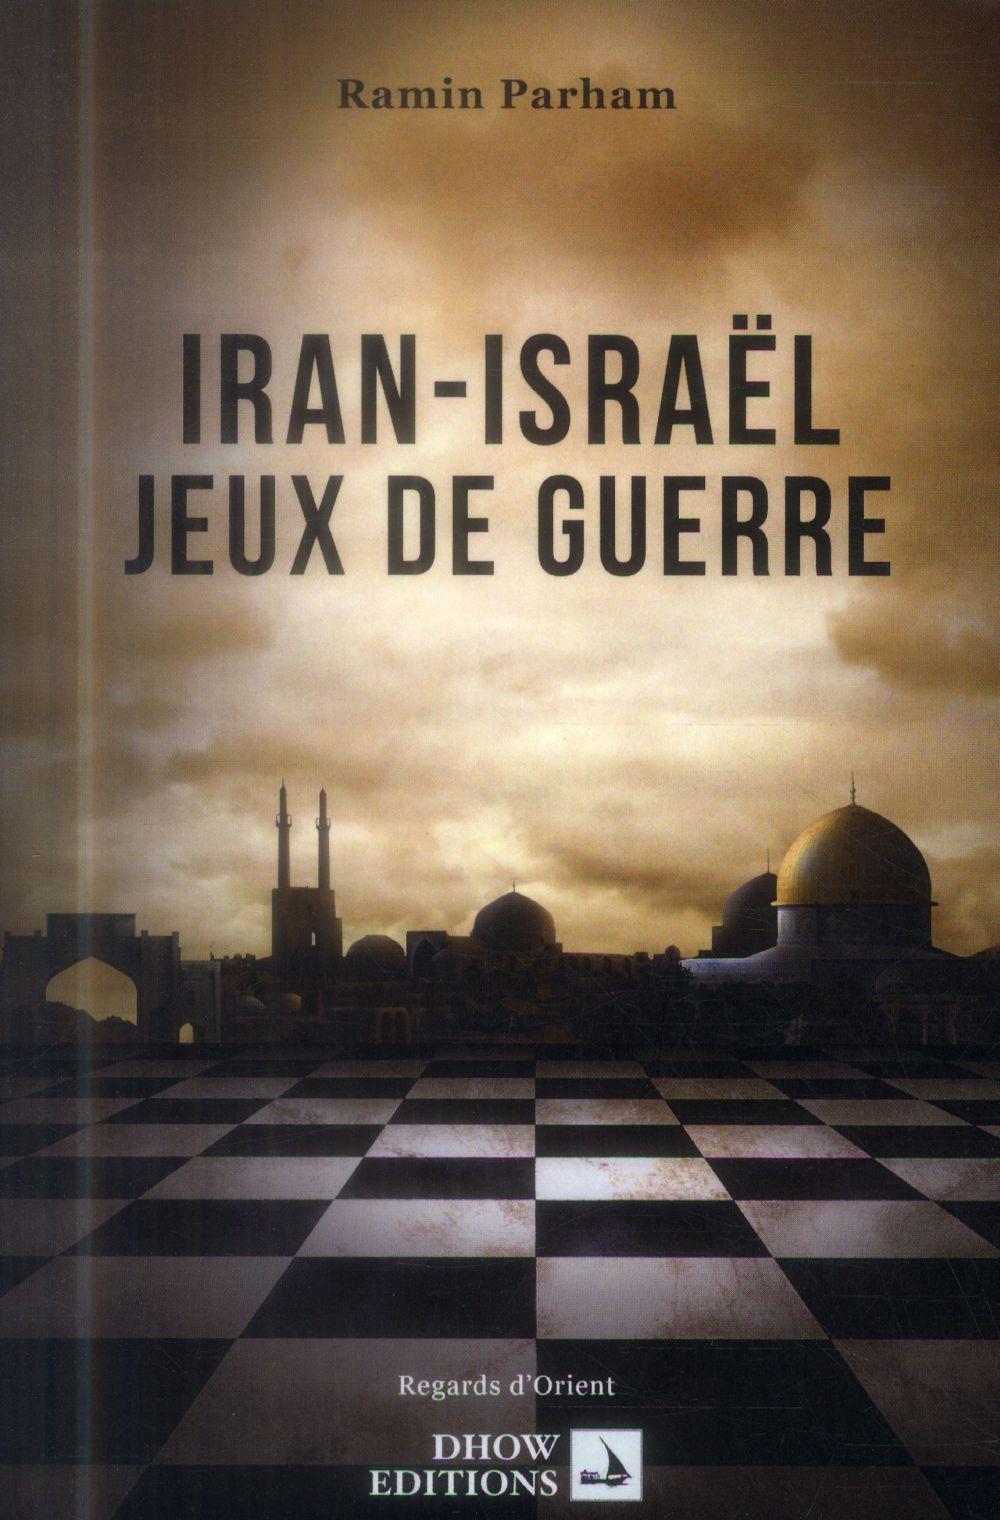 IRAN-ISRAEL : JEUX DE GUERRE